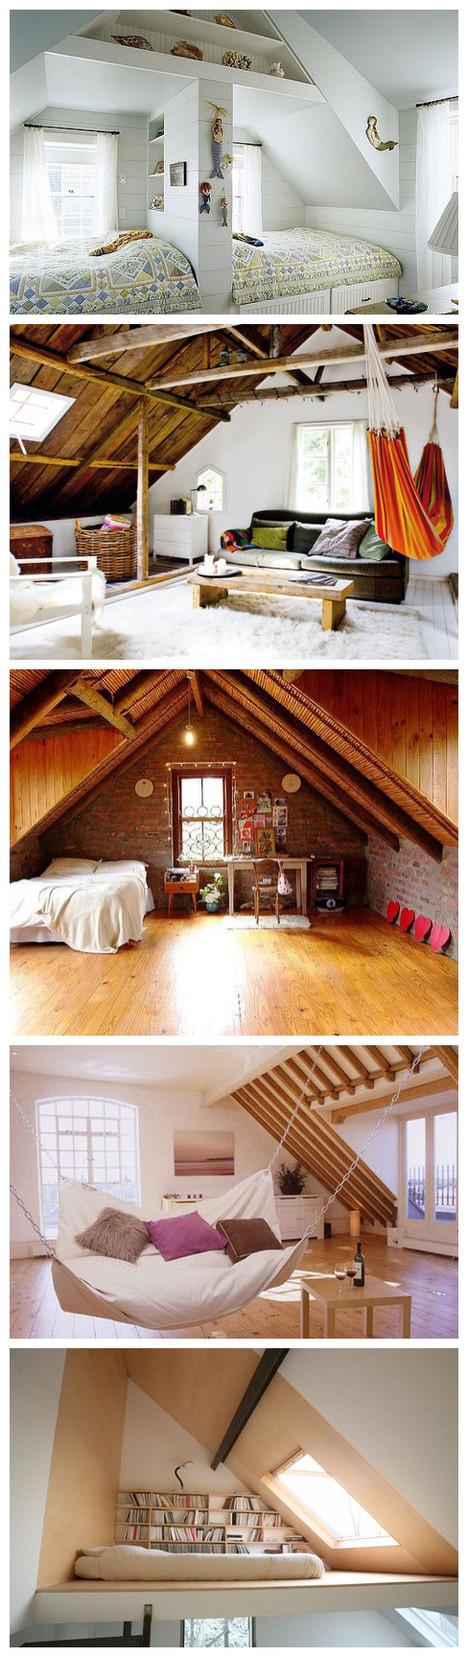 超酷的阁楼卧室设计